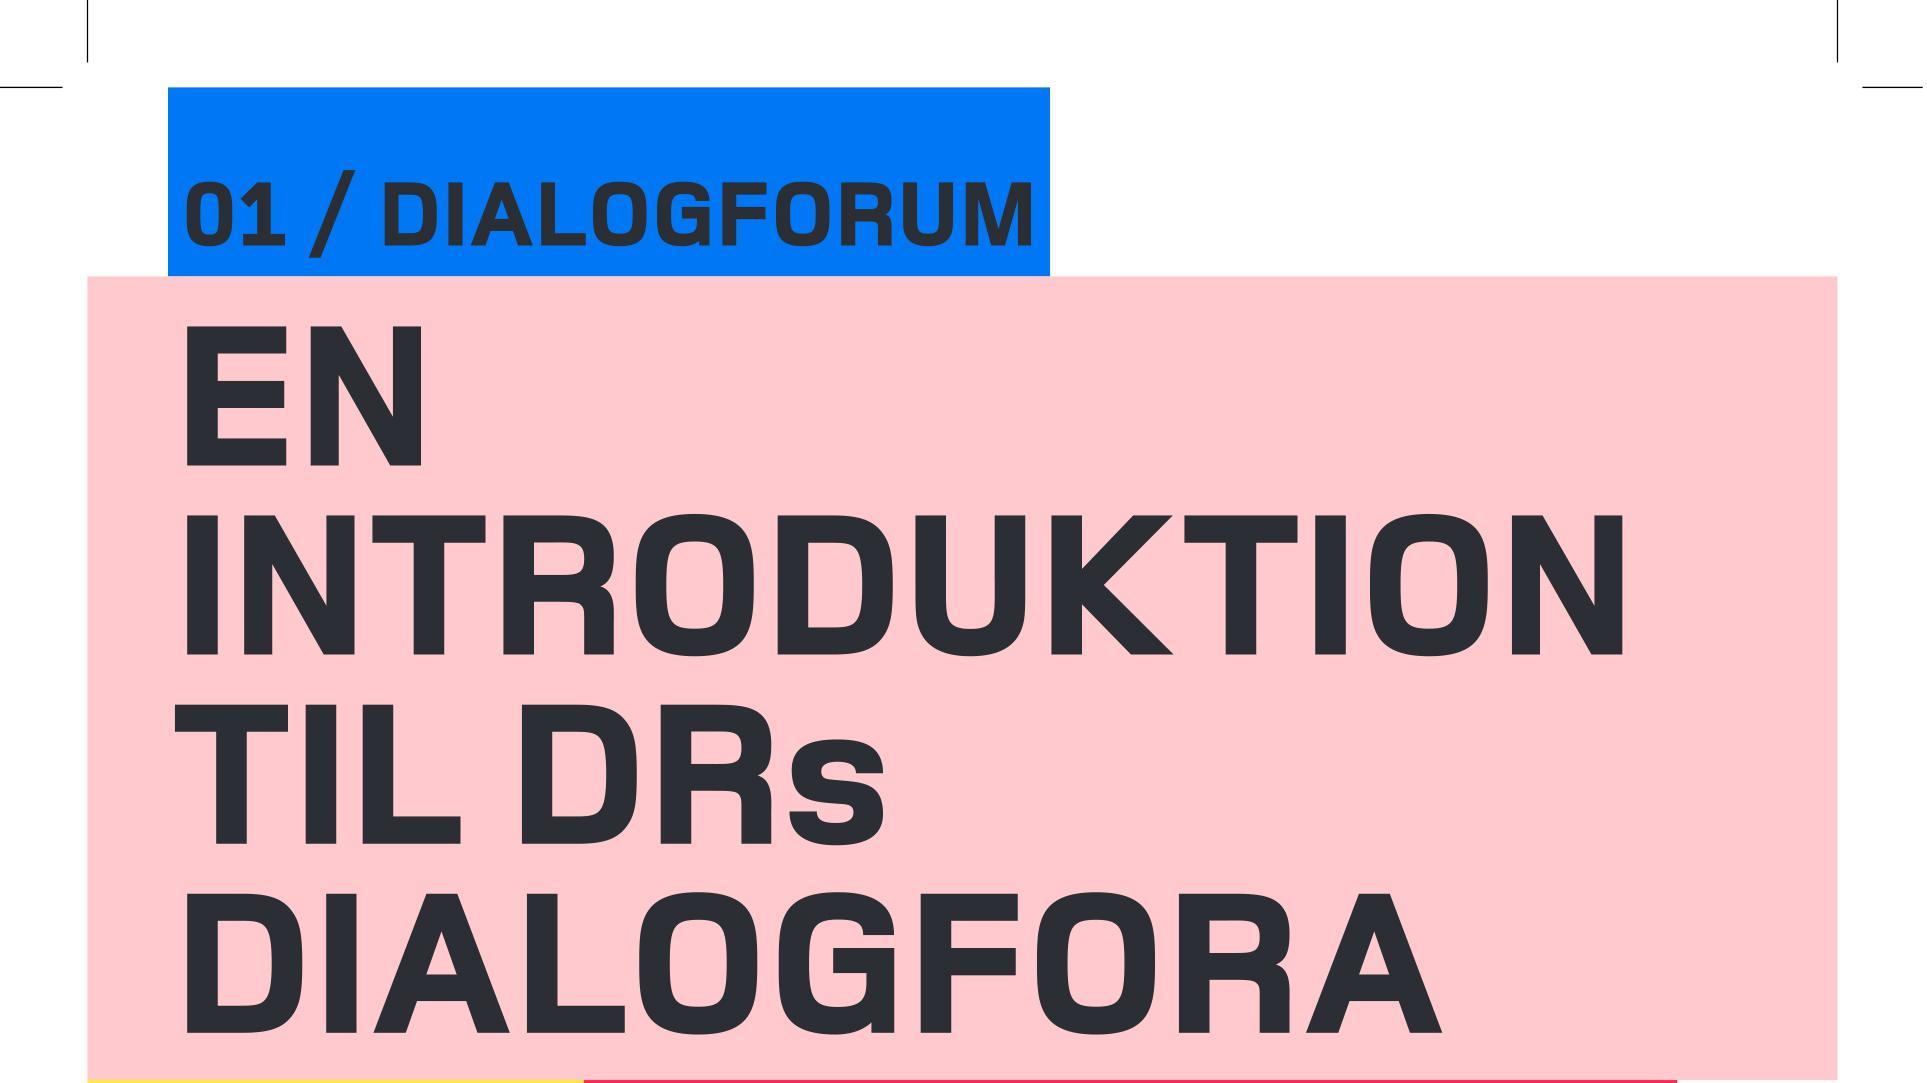 forside_-_dialogfora.jpg